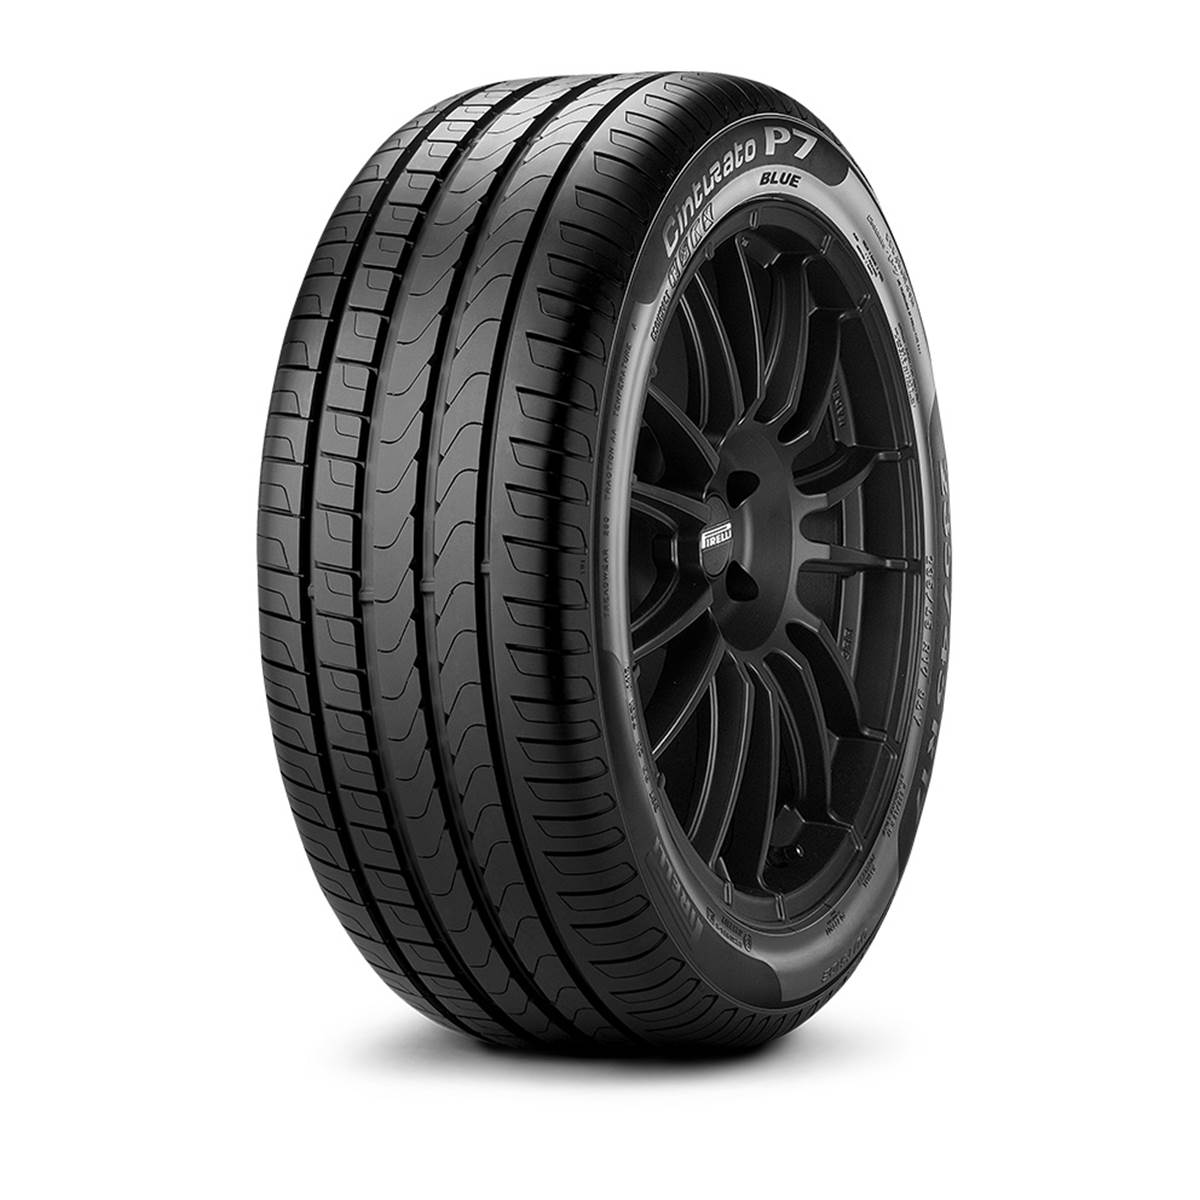 Pneu Pirelli 235/45R17 94Y Cinturato P7 Blue